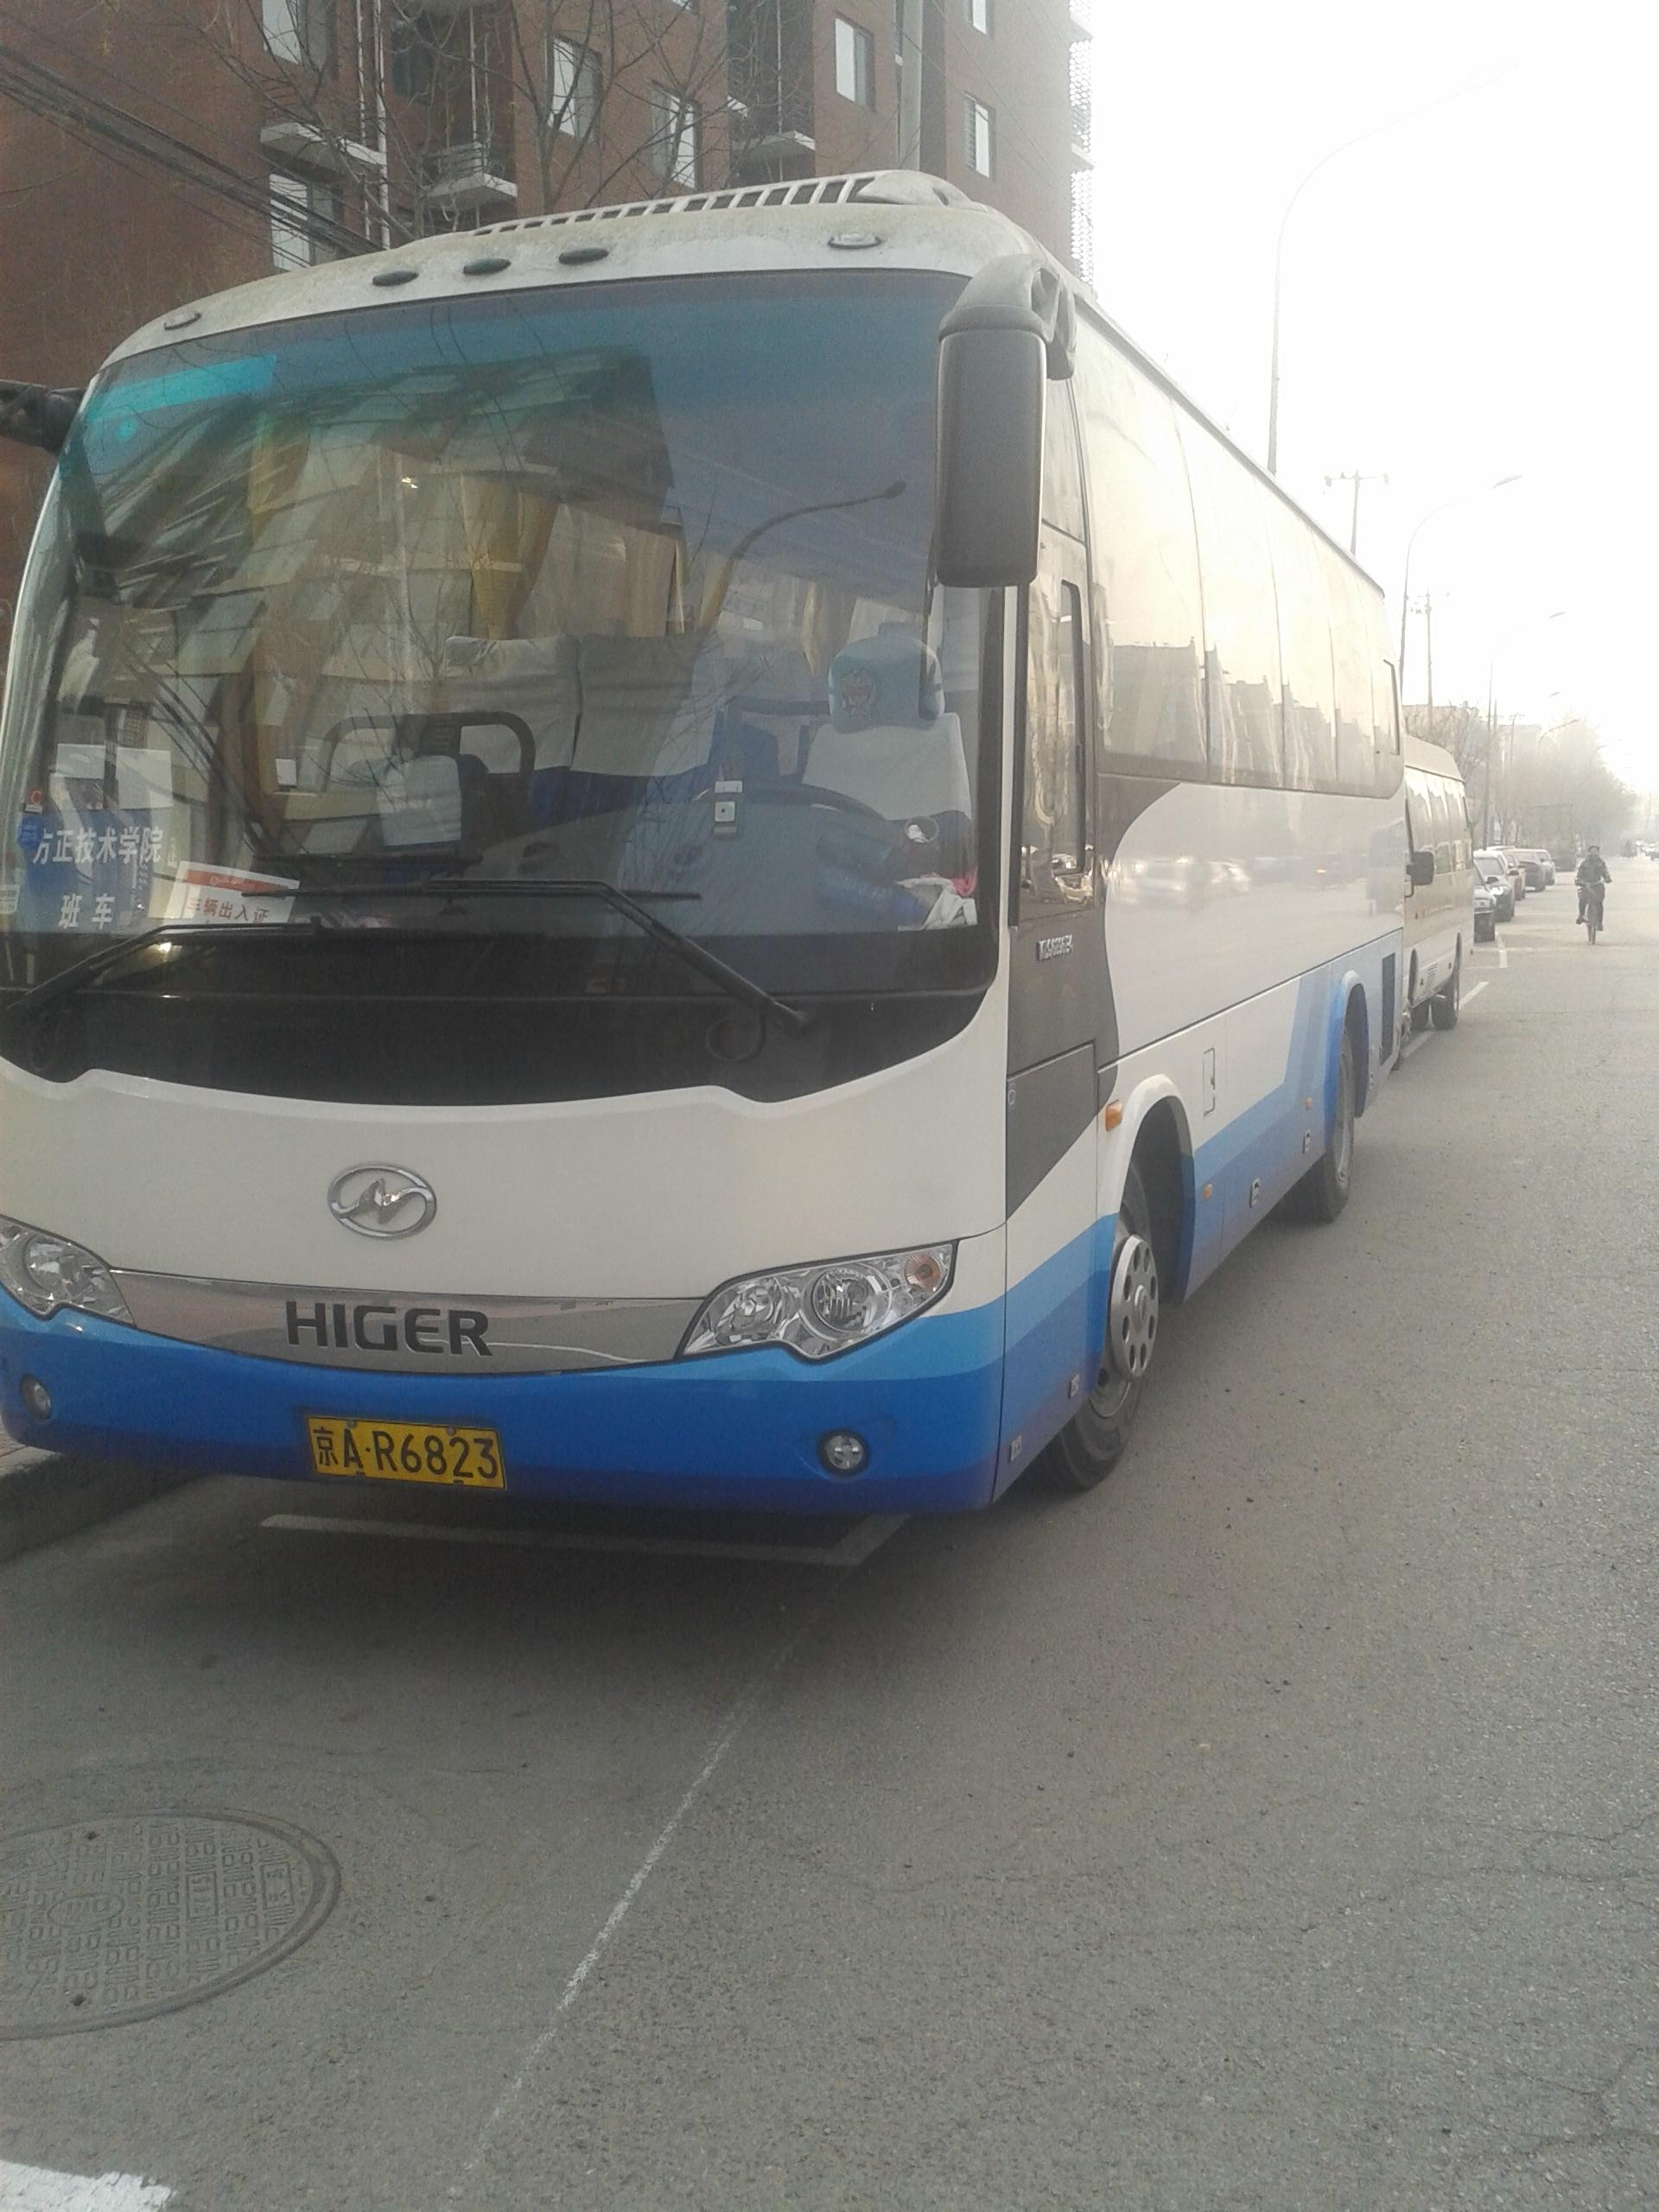 石景山大巴租赁公司提供专业班车服务